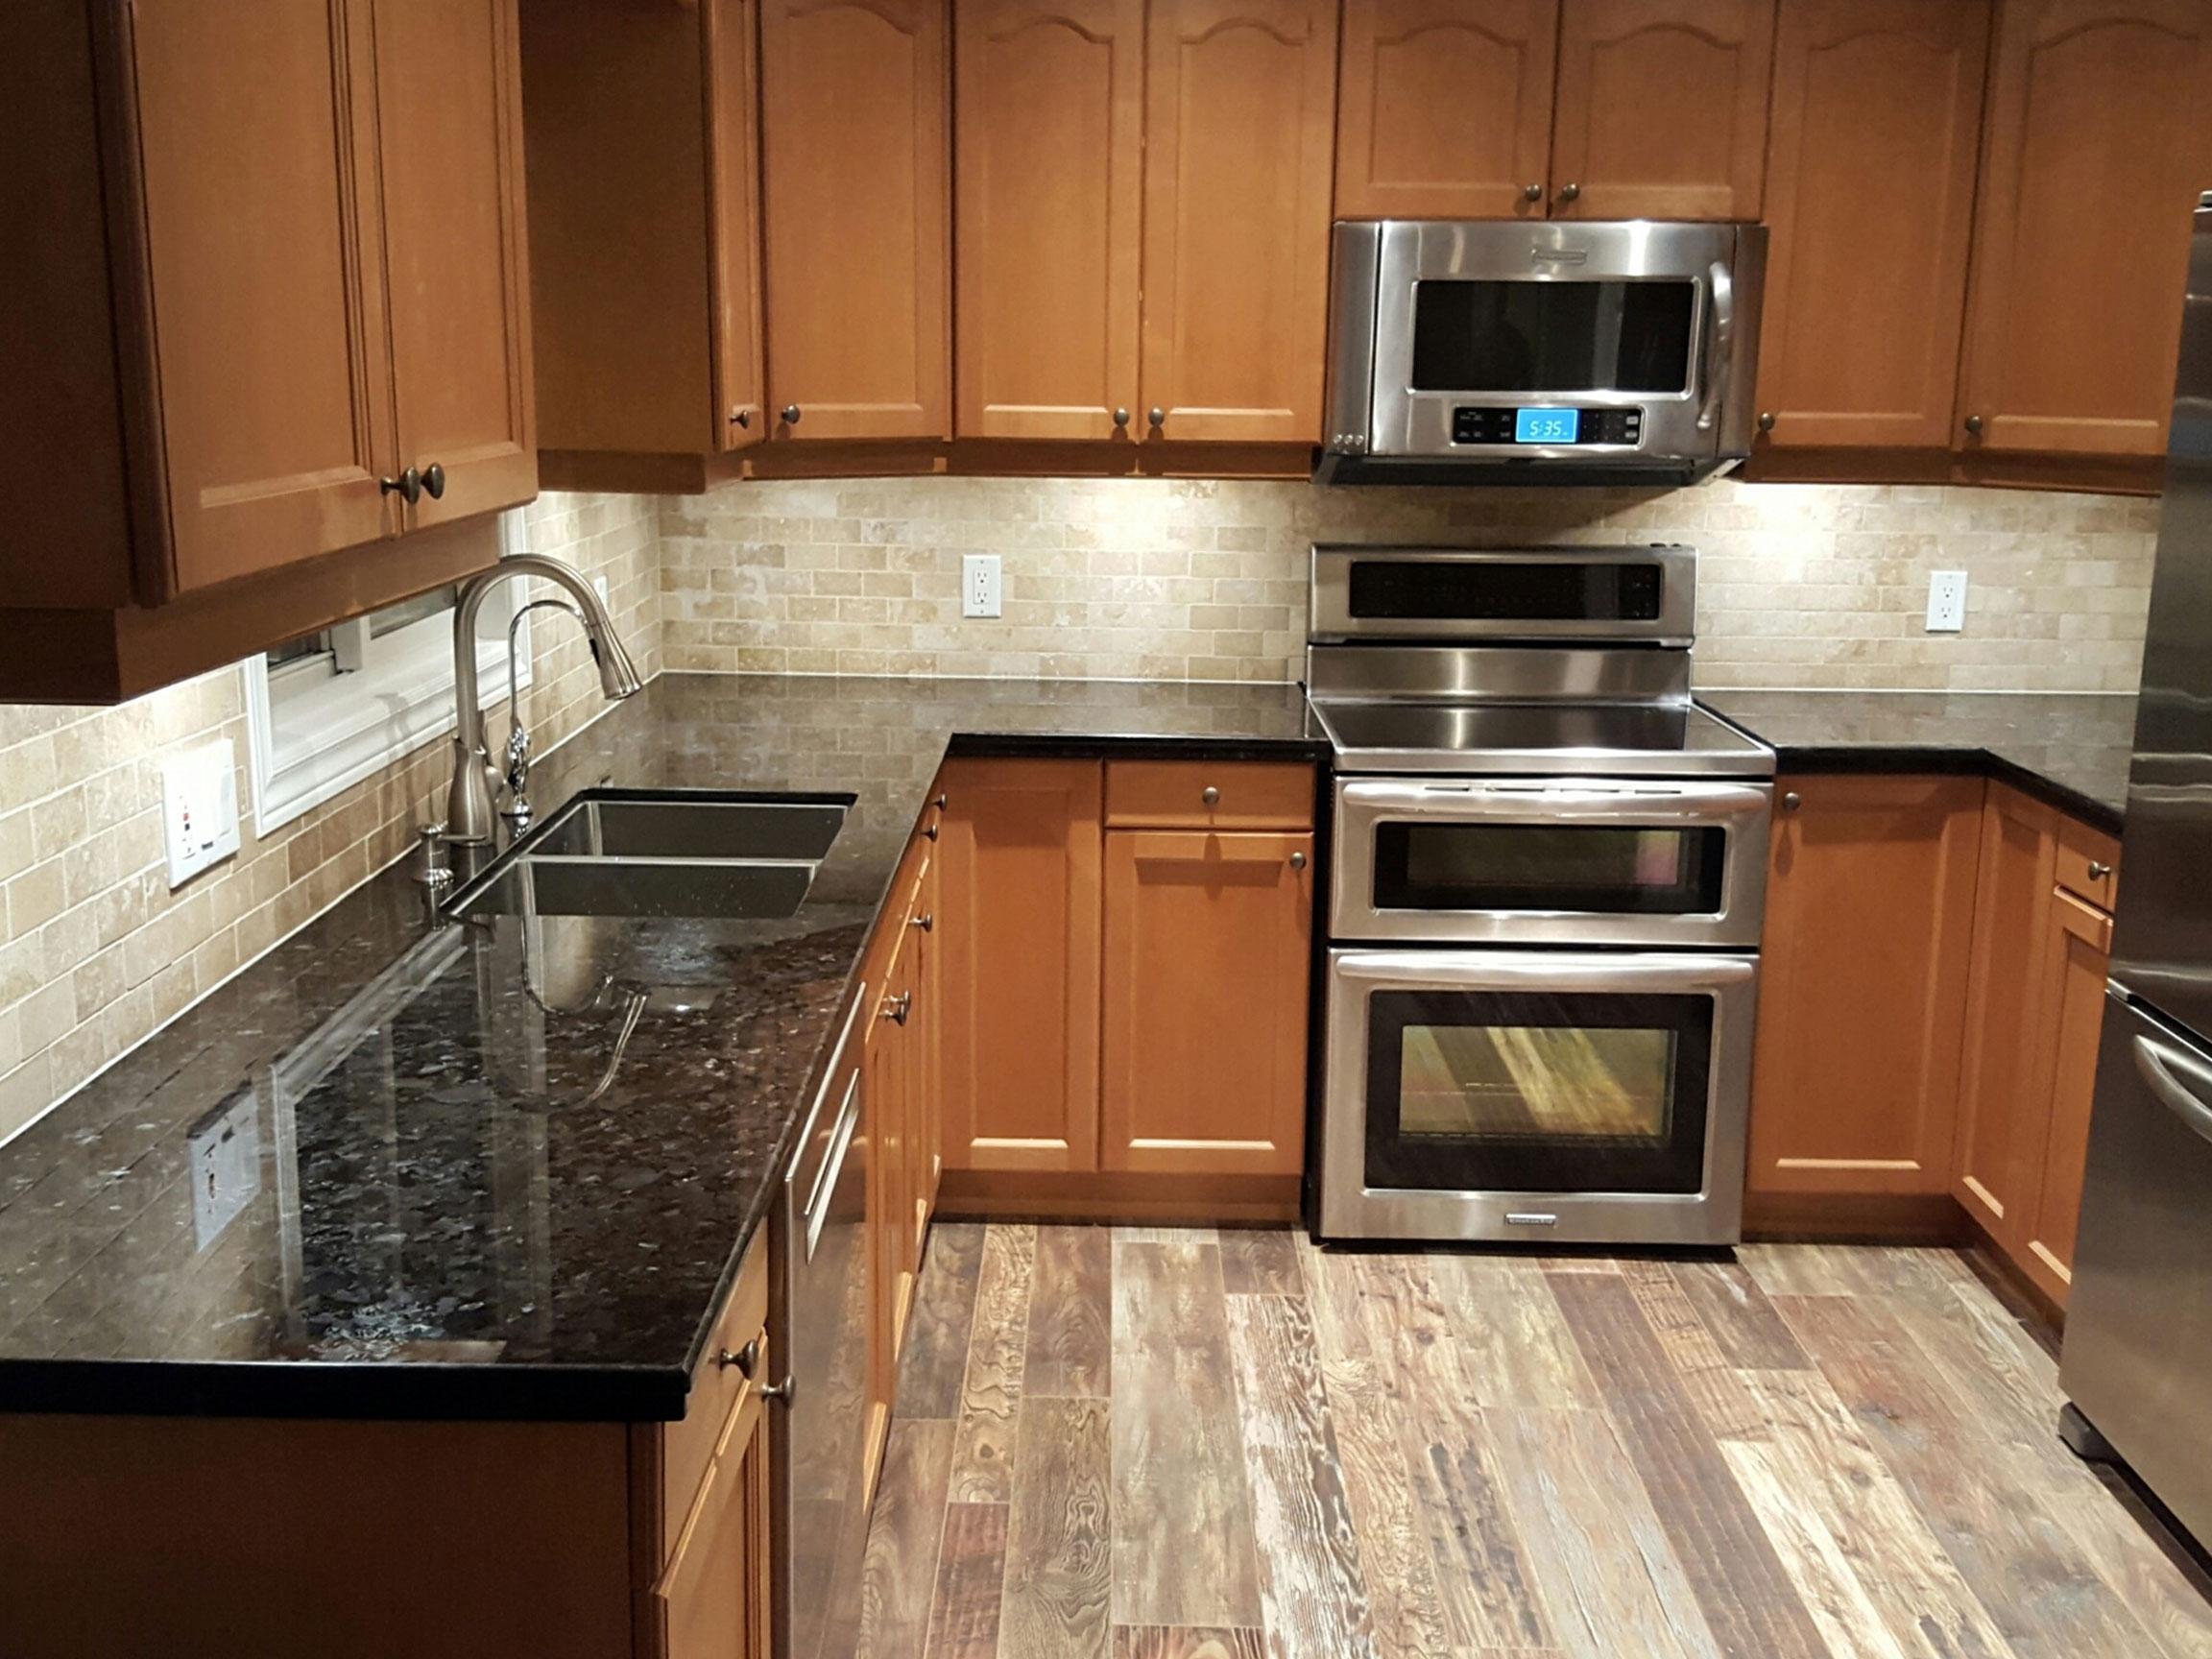 Kitchen Counter Backsplash After